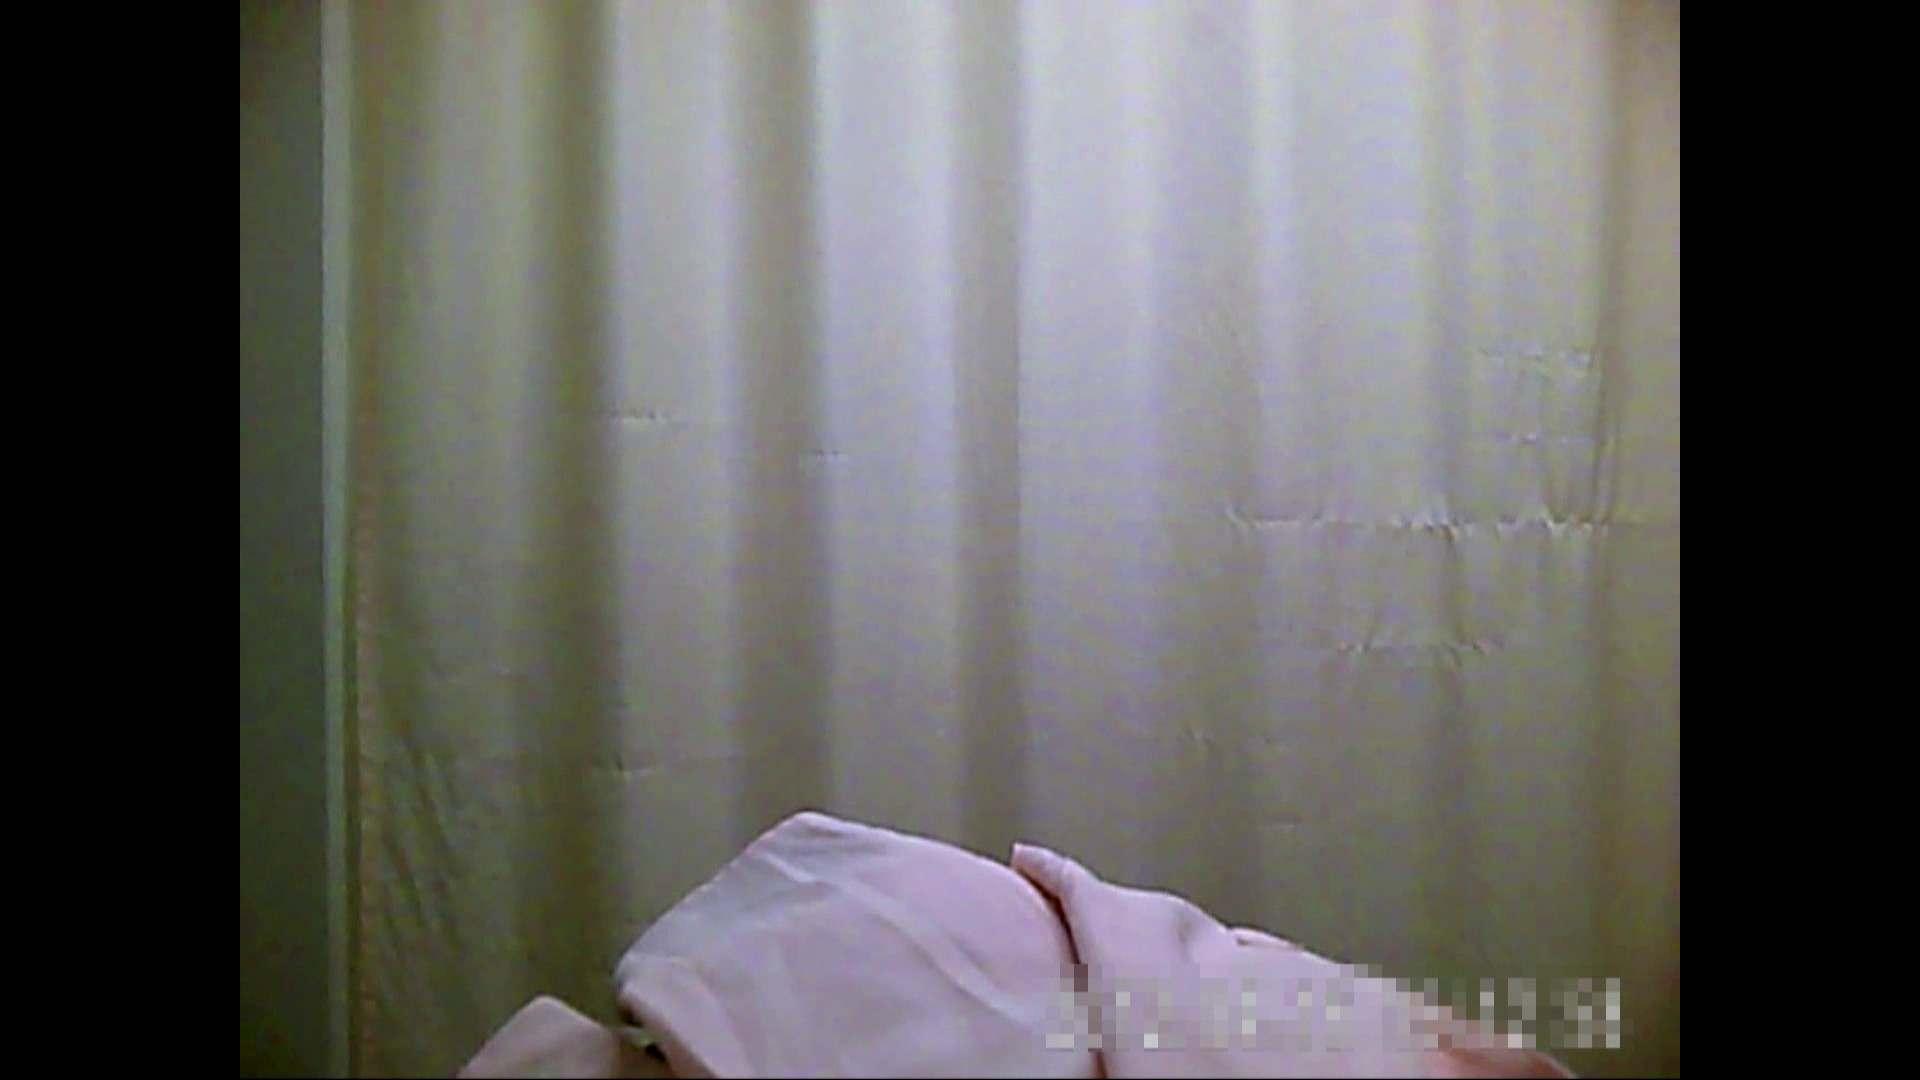 巨乳 乳首:元医者による反抗 更衣室地獄絵巻 vol.017:怪盗ジョーカー